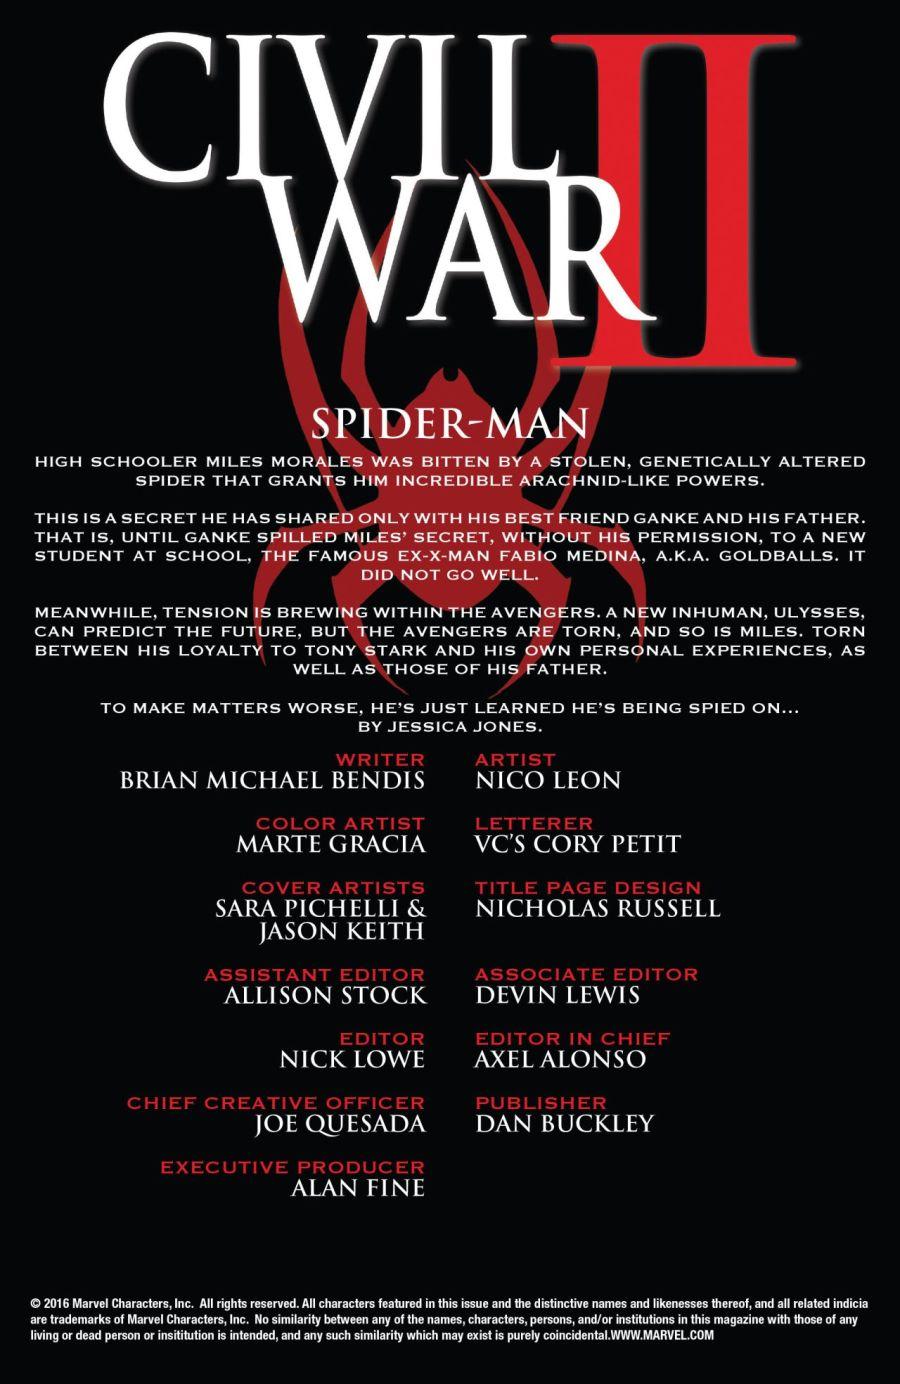 Spider-Man #8